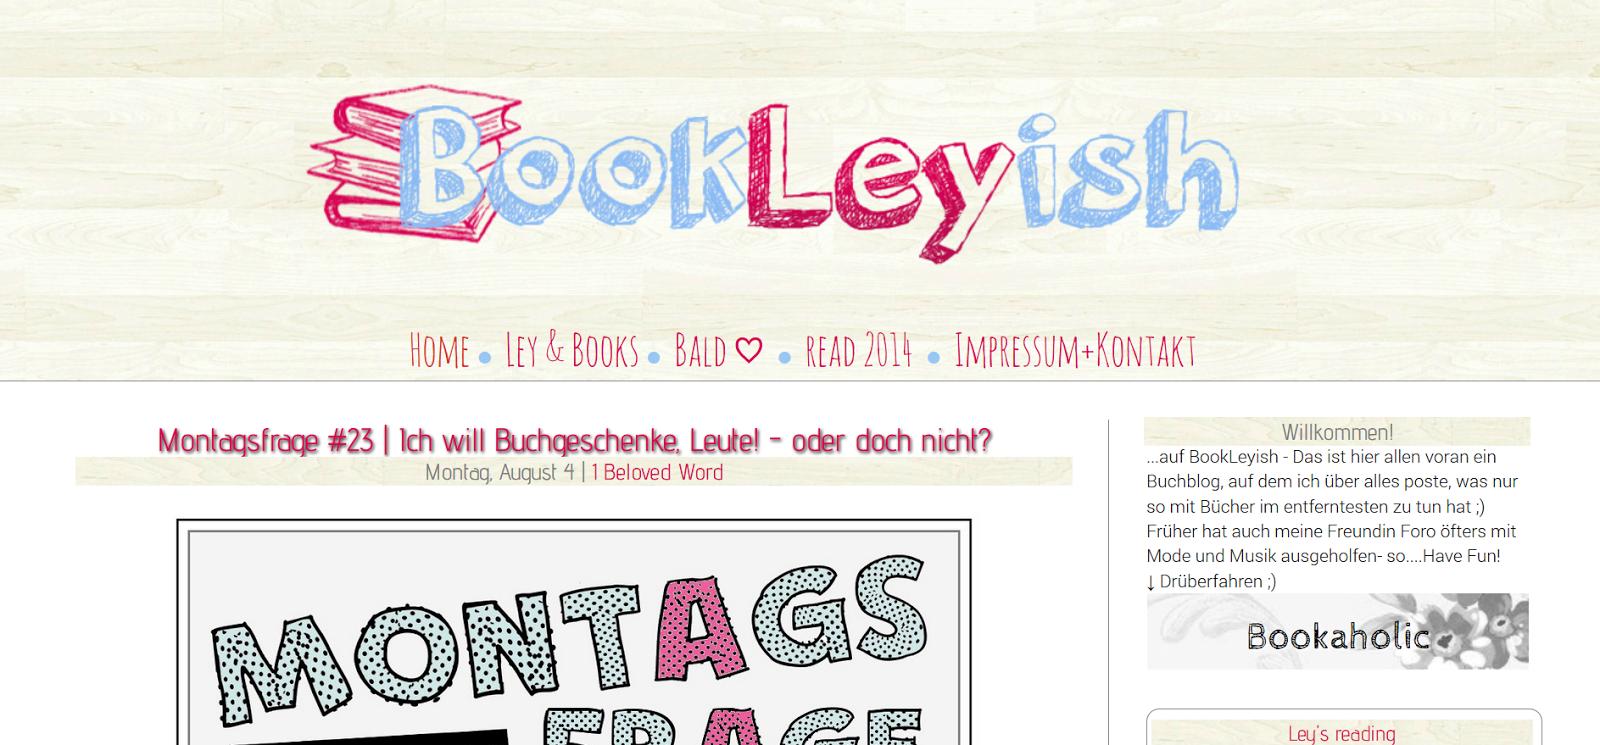 http://book-and-shoppaholics.blogspot.de/